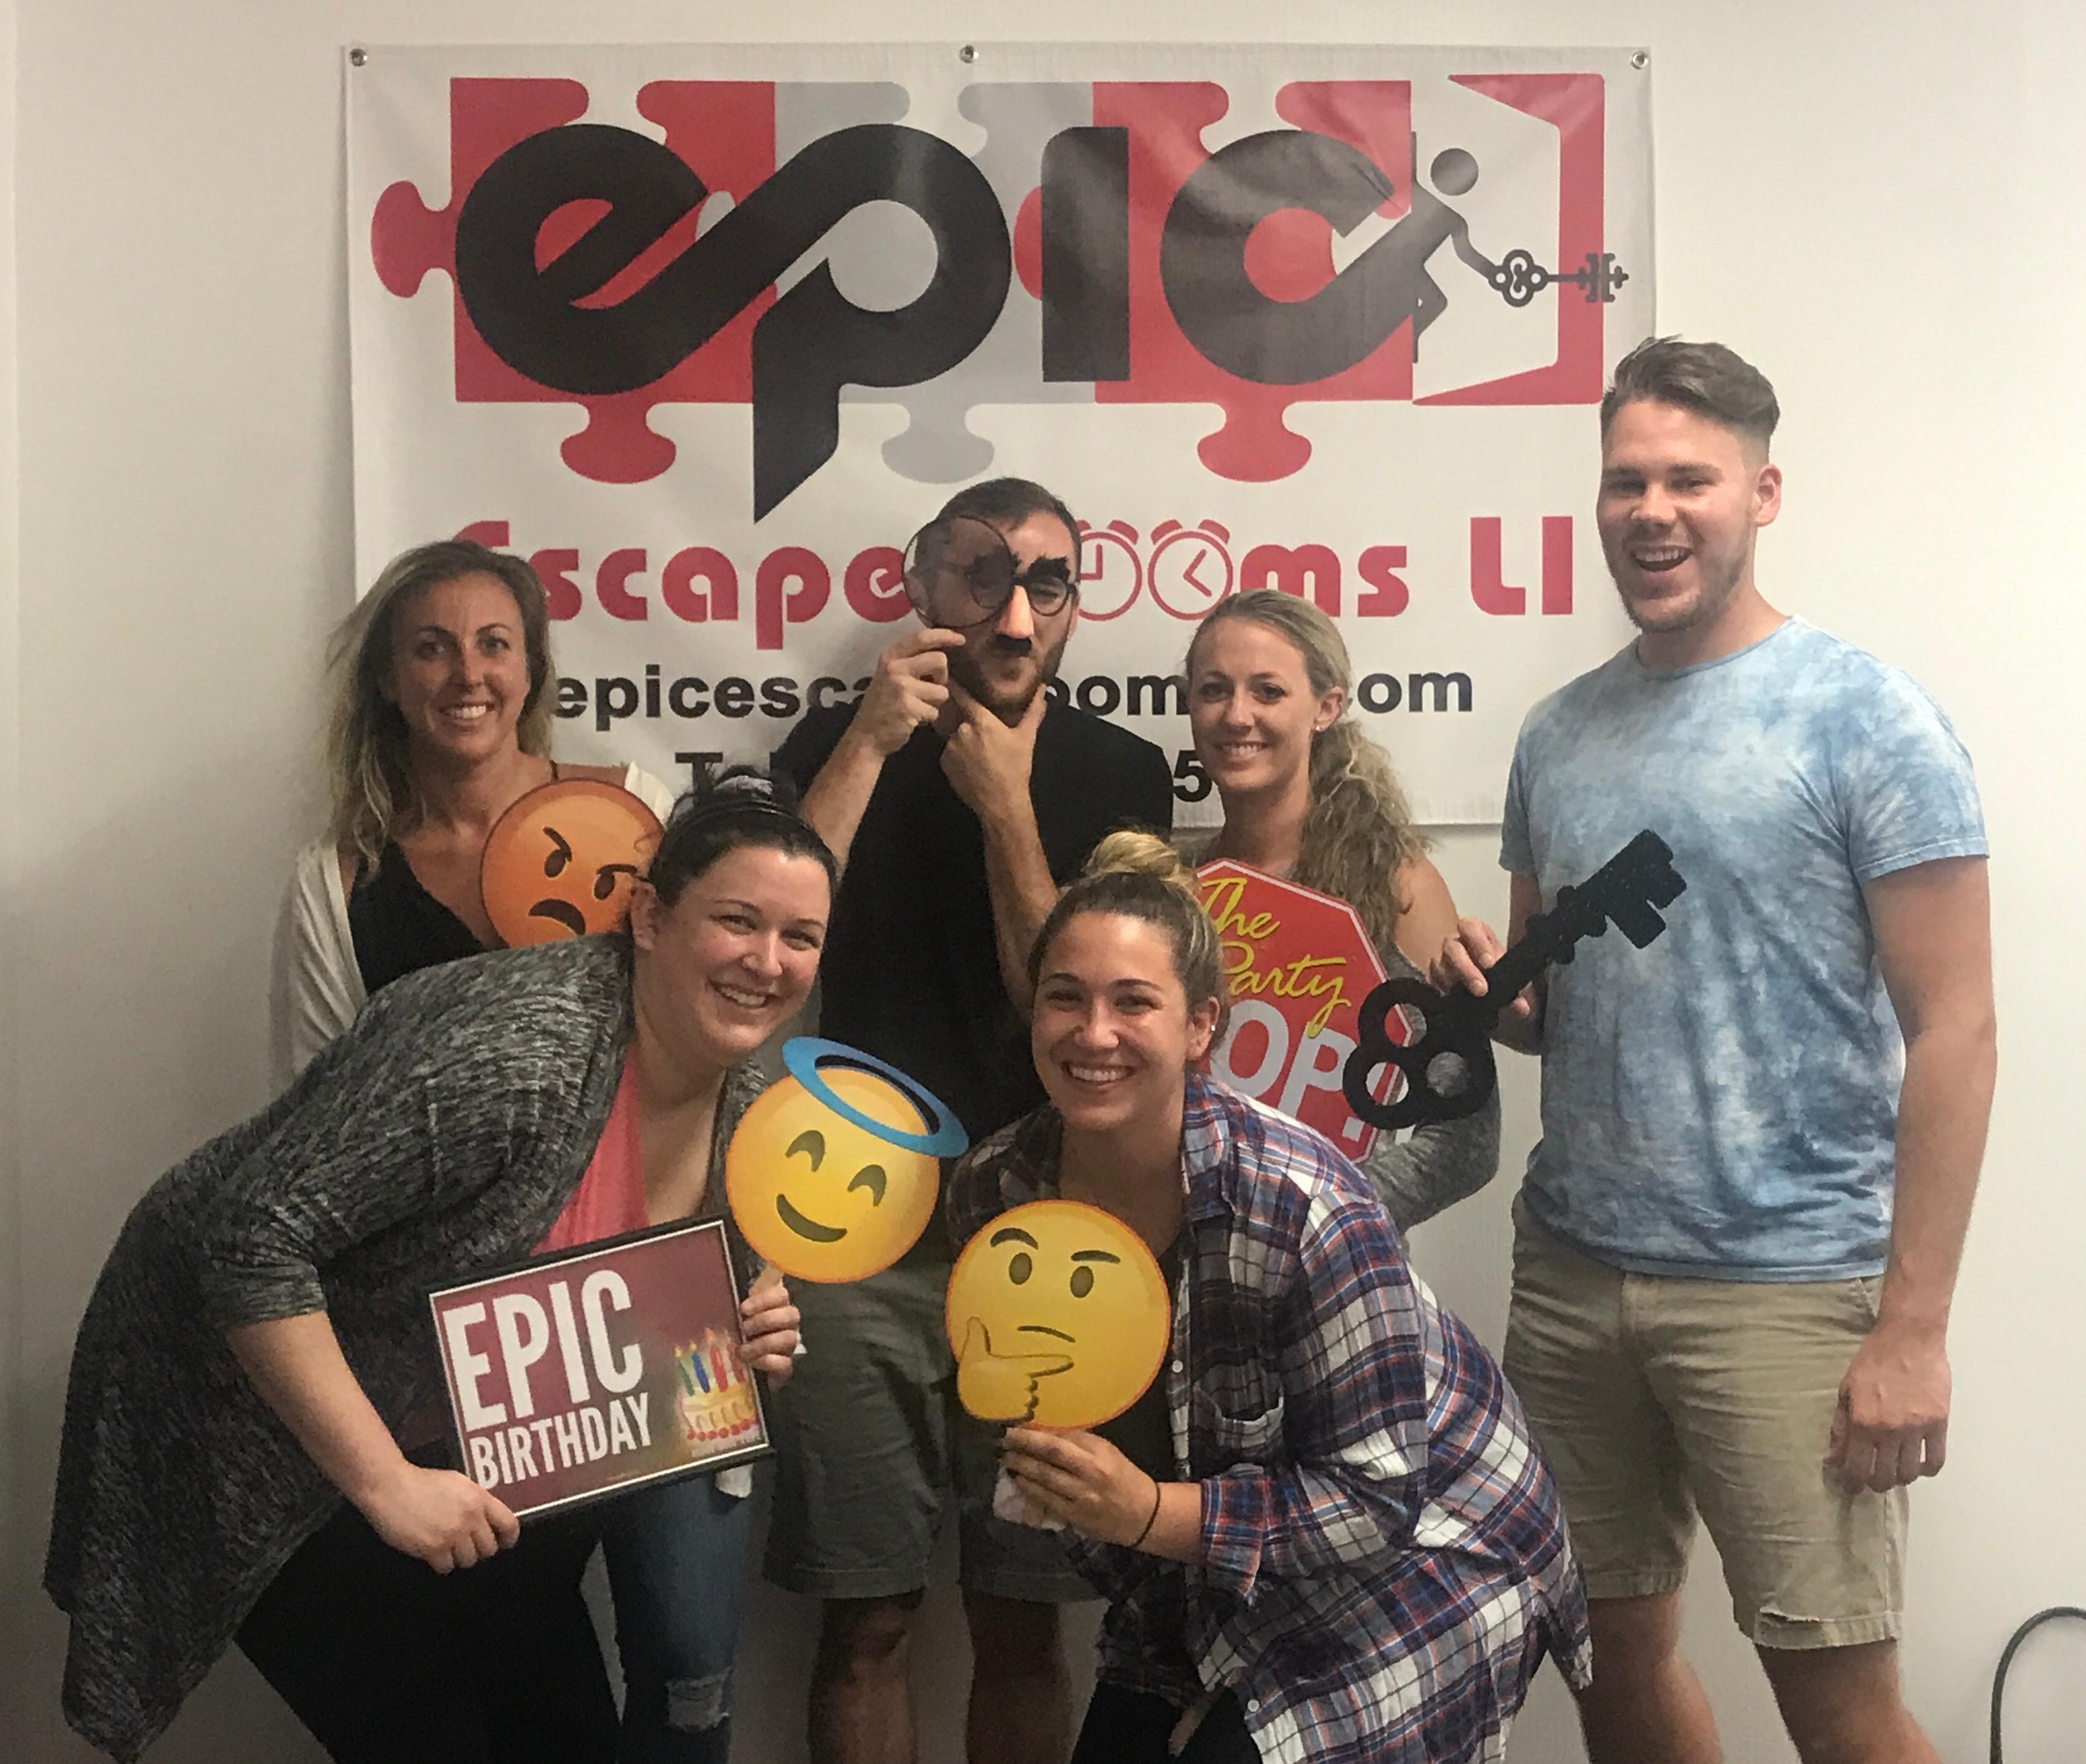 Epic Escape Rooms LI image 3